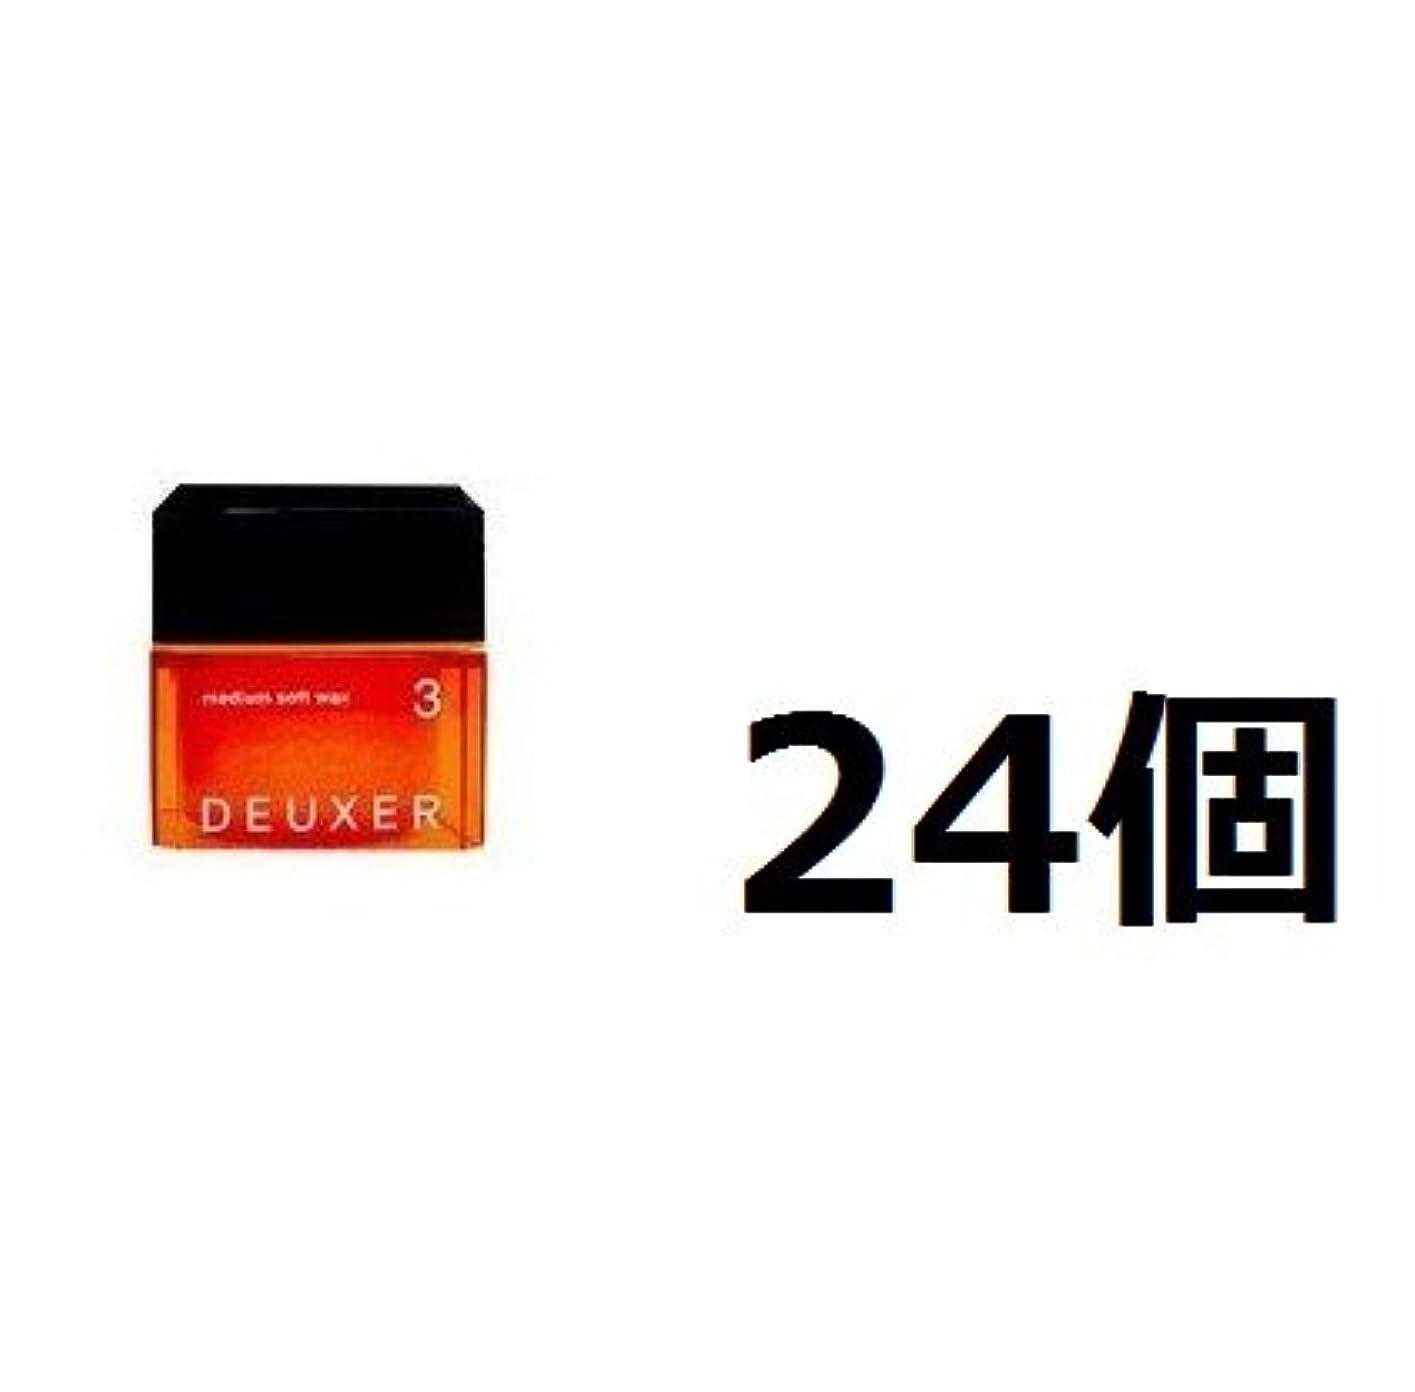 偏心良さために【24個セット】ナンバースリー デューサー ミディアムソフトワックス 3 80g